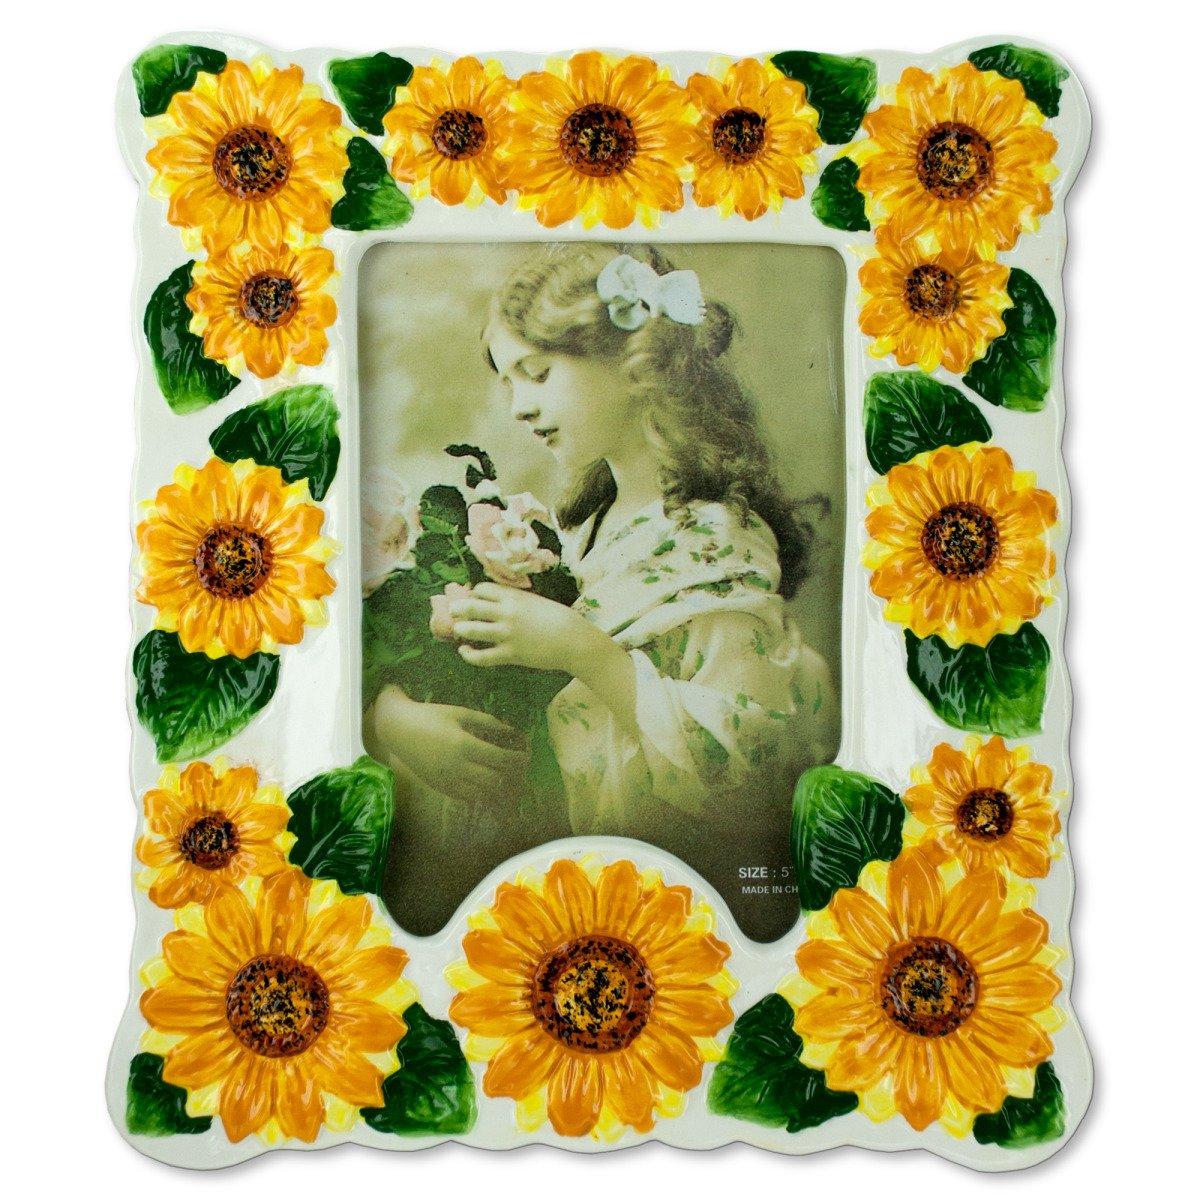 Amazon.de: stealstreet Sonnenblume Keramik Bilderrahmen